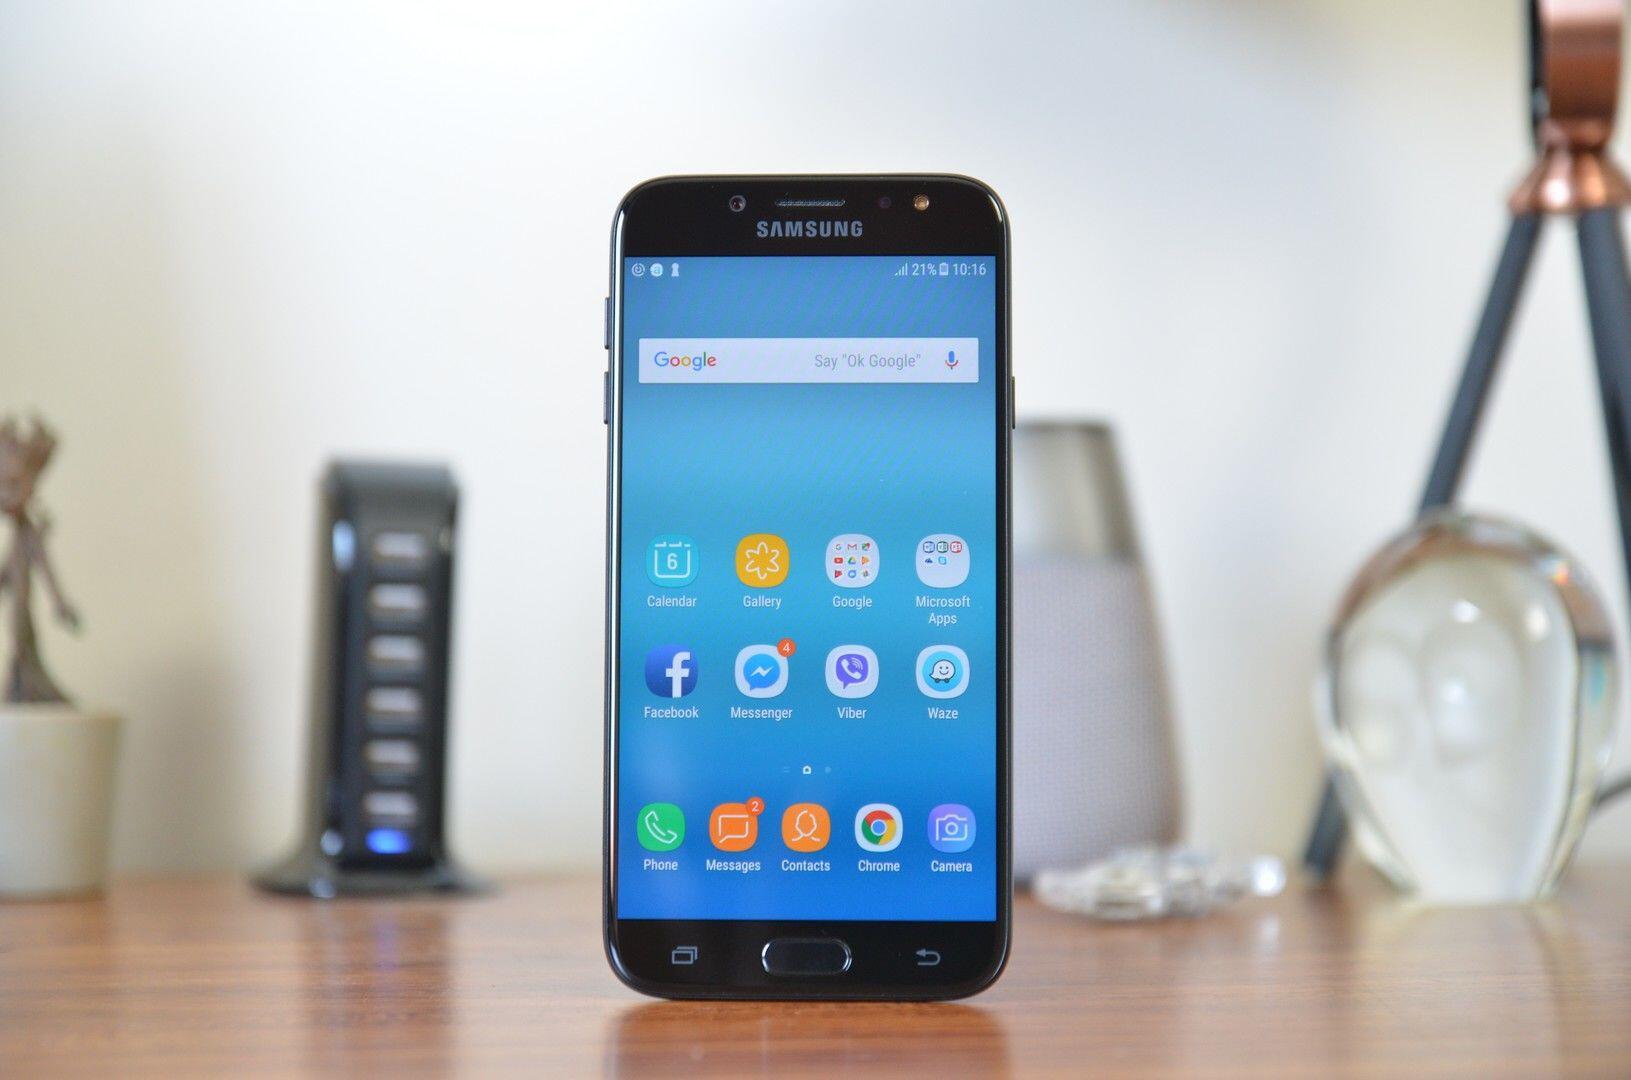 Lancar untuk Gaming, 5 Smartphone Rp3 Juta ke Bawah Spesifikasi Mantap